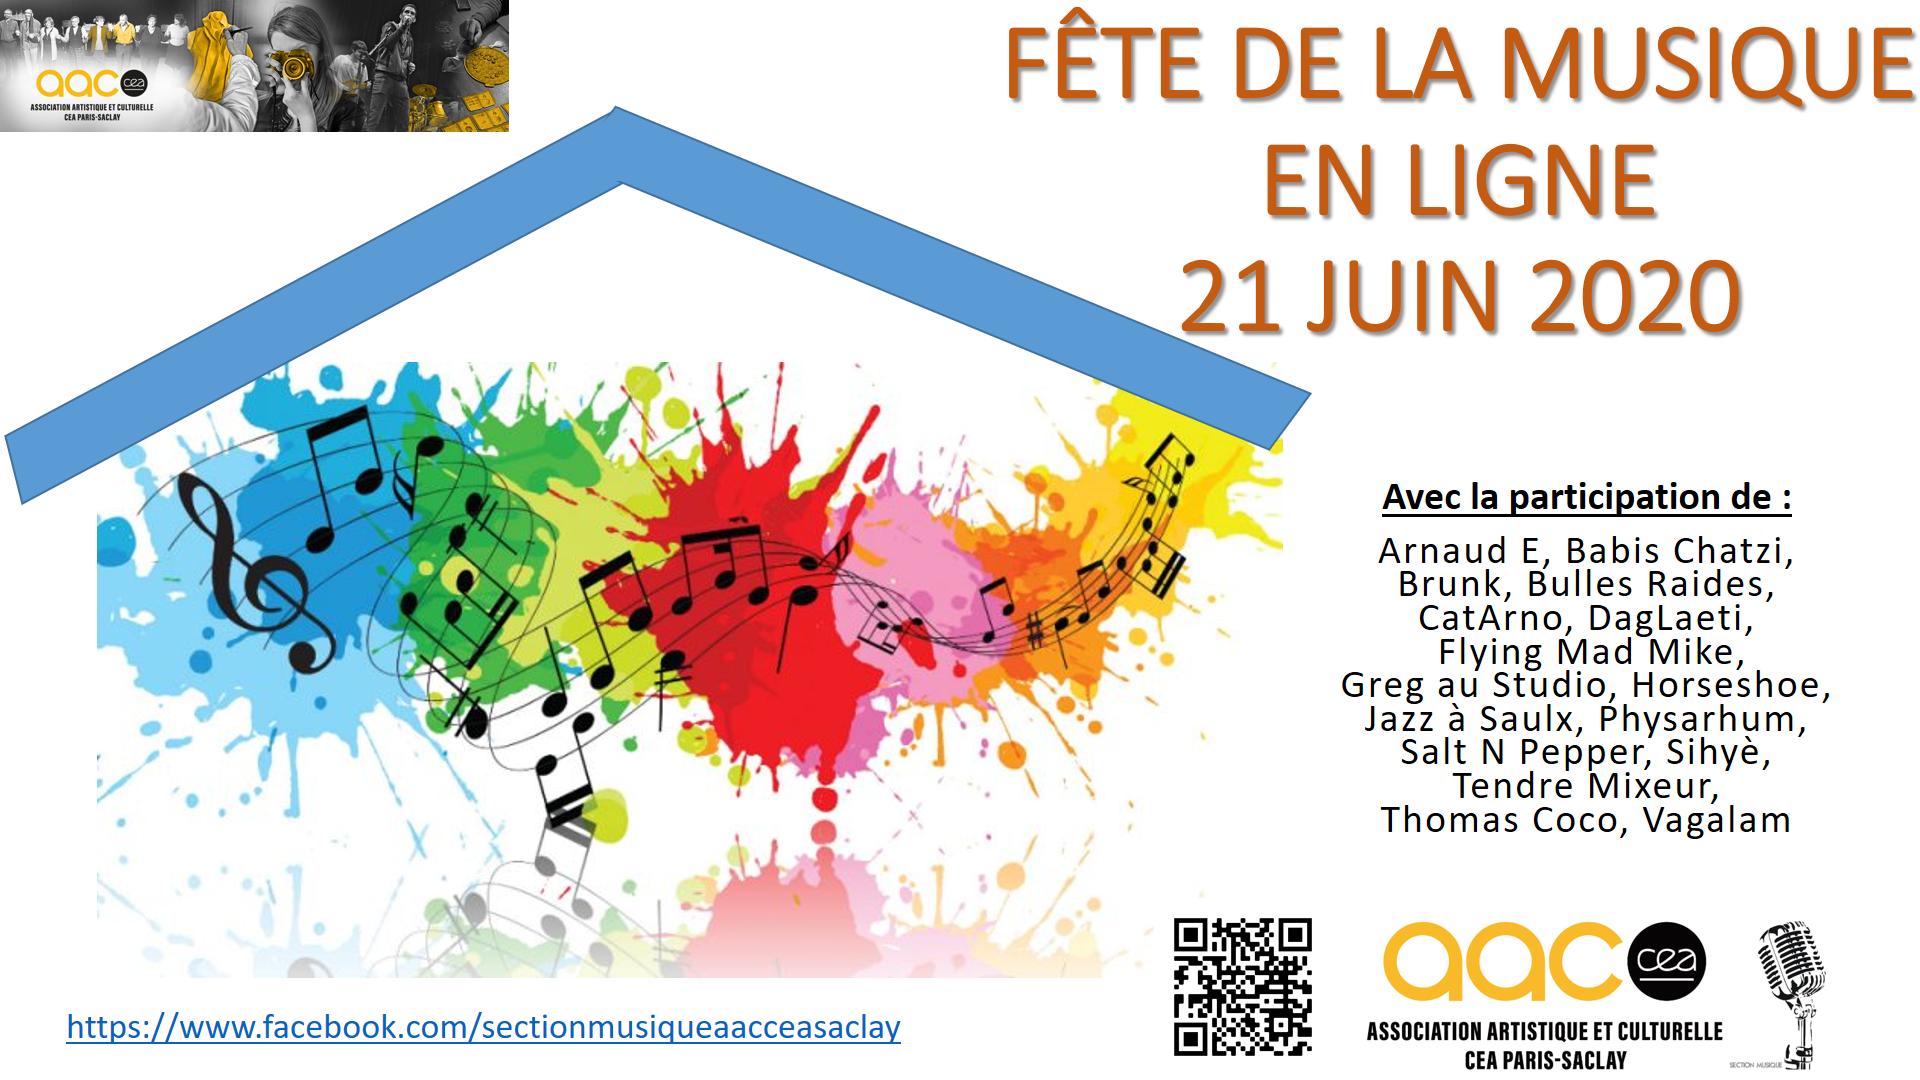 Fête de la Musique en ligne le dimanche 21 juin 2020, de 20h à 23h45.